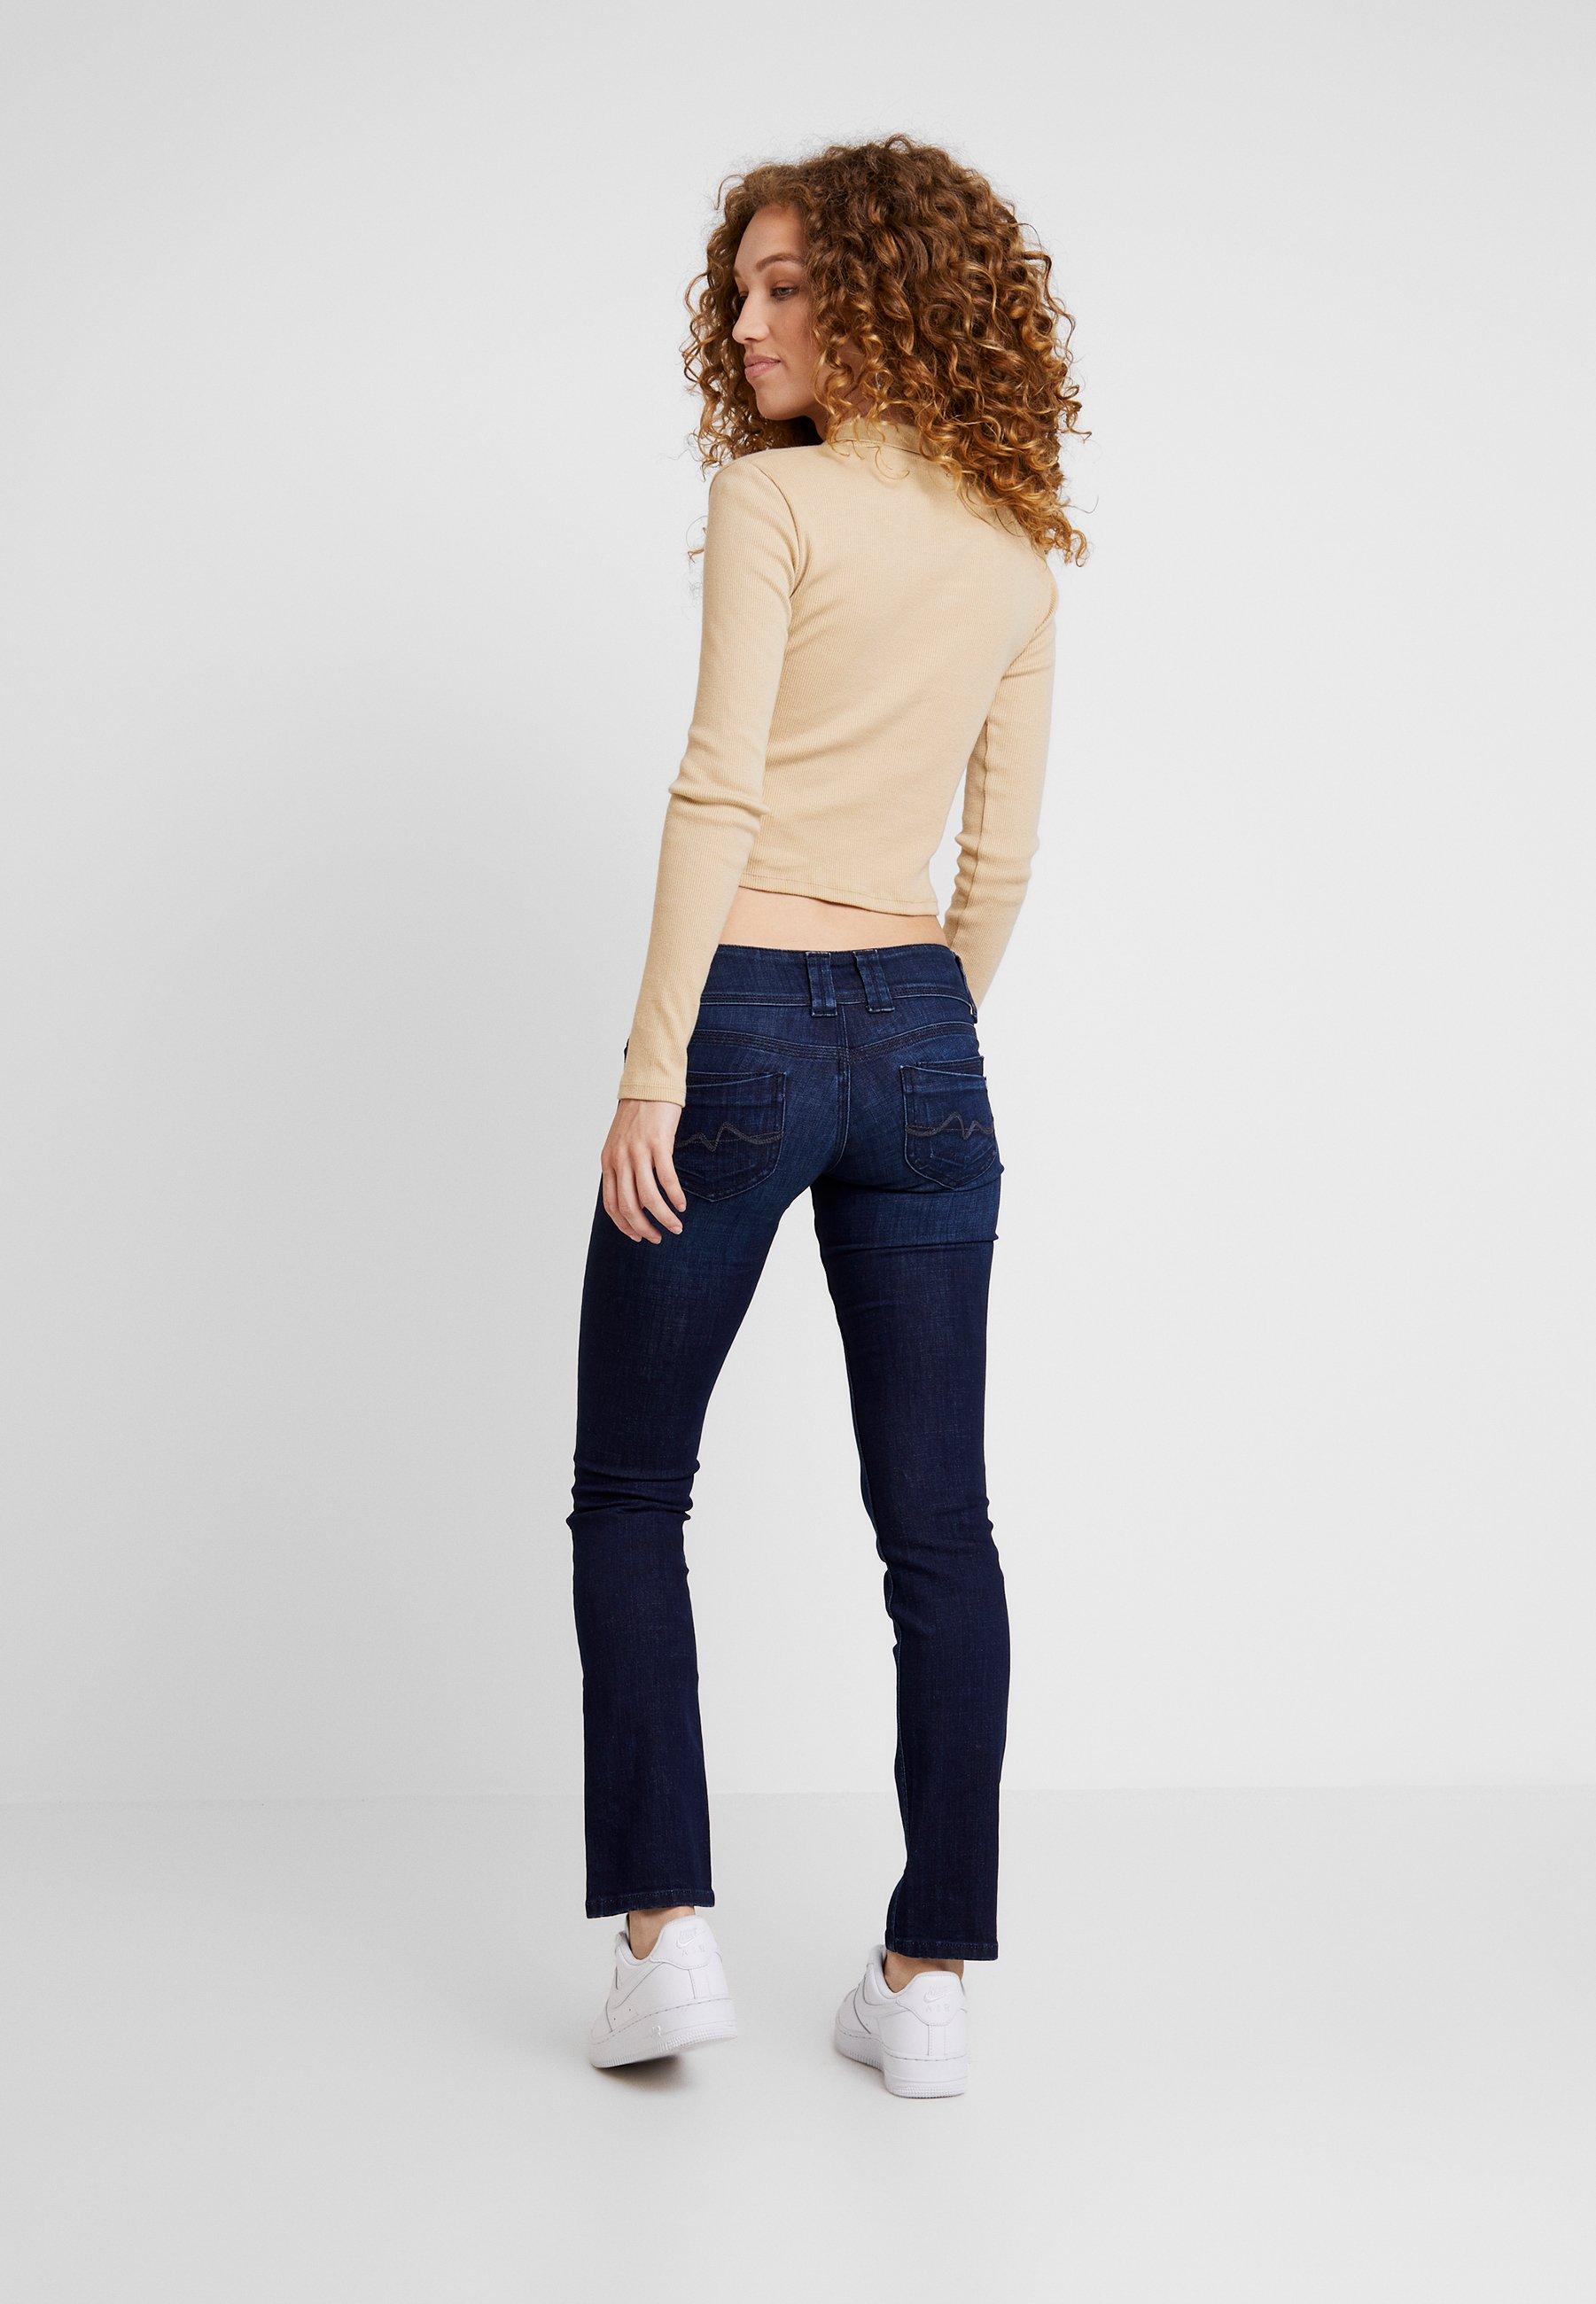 VenusJean blue Denim Jeans Pepe Droit Dark pqzMVjULSG